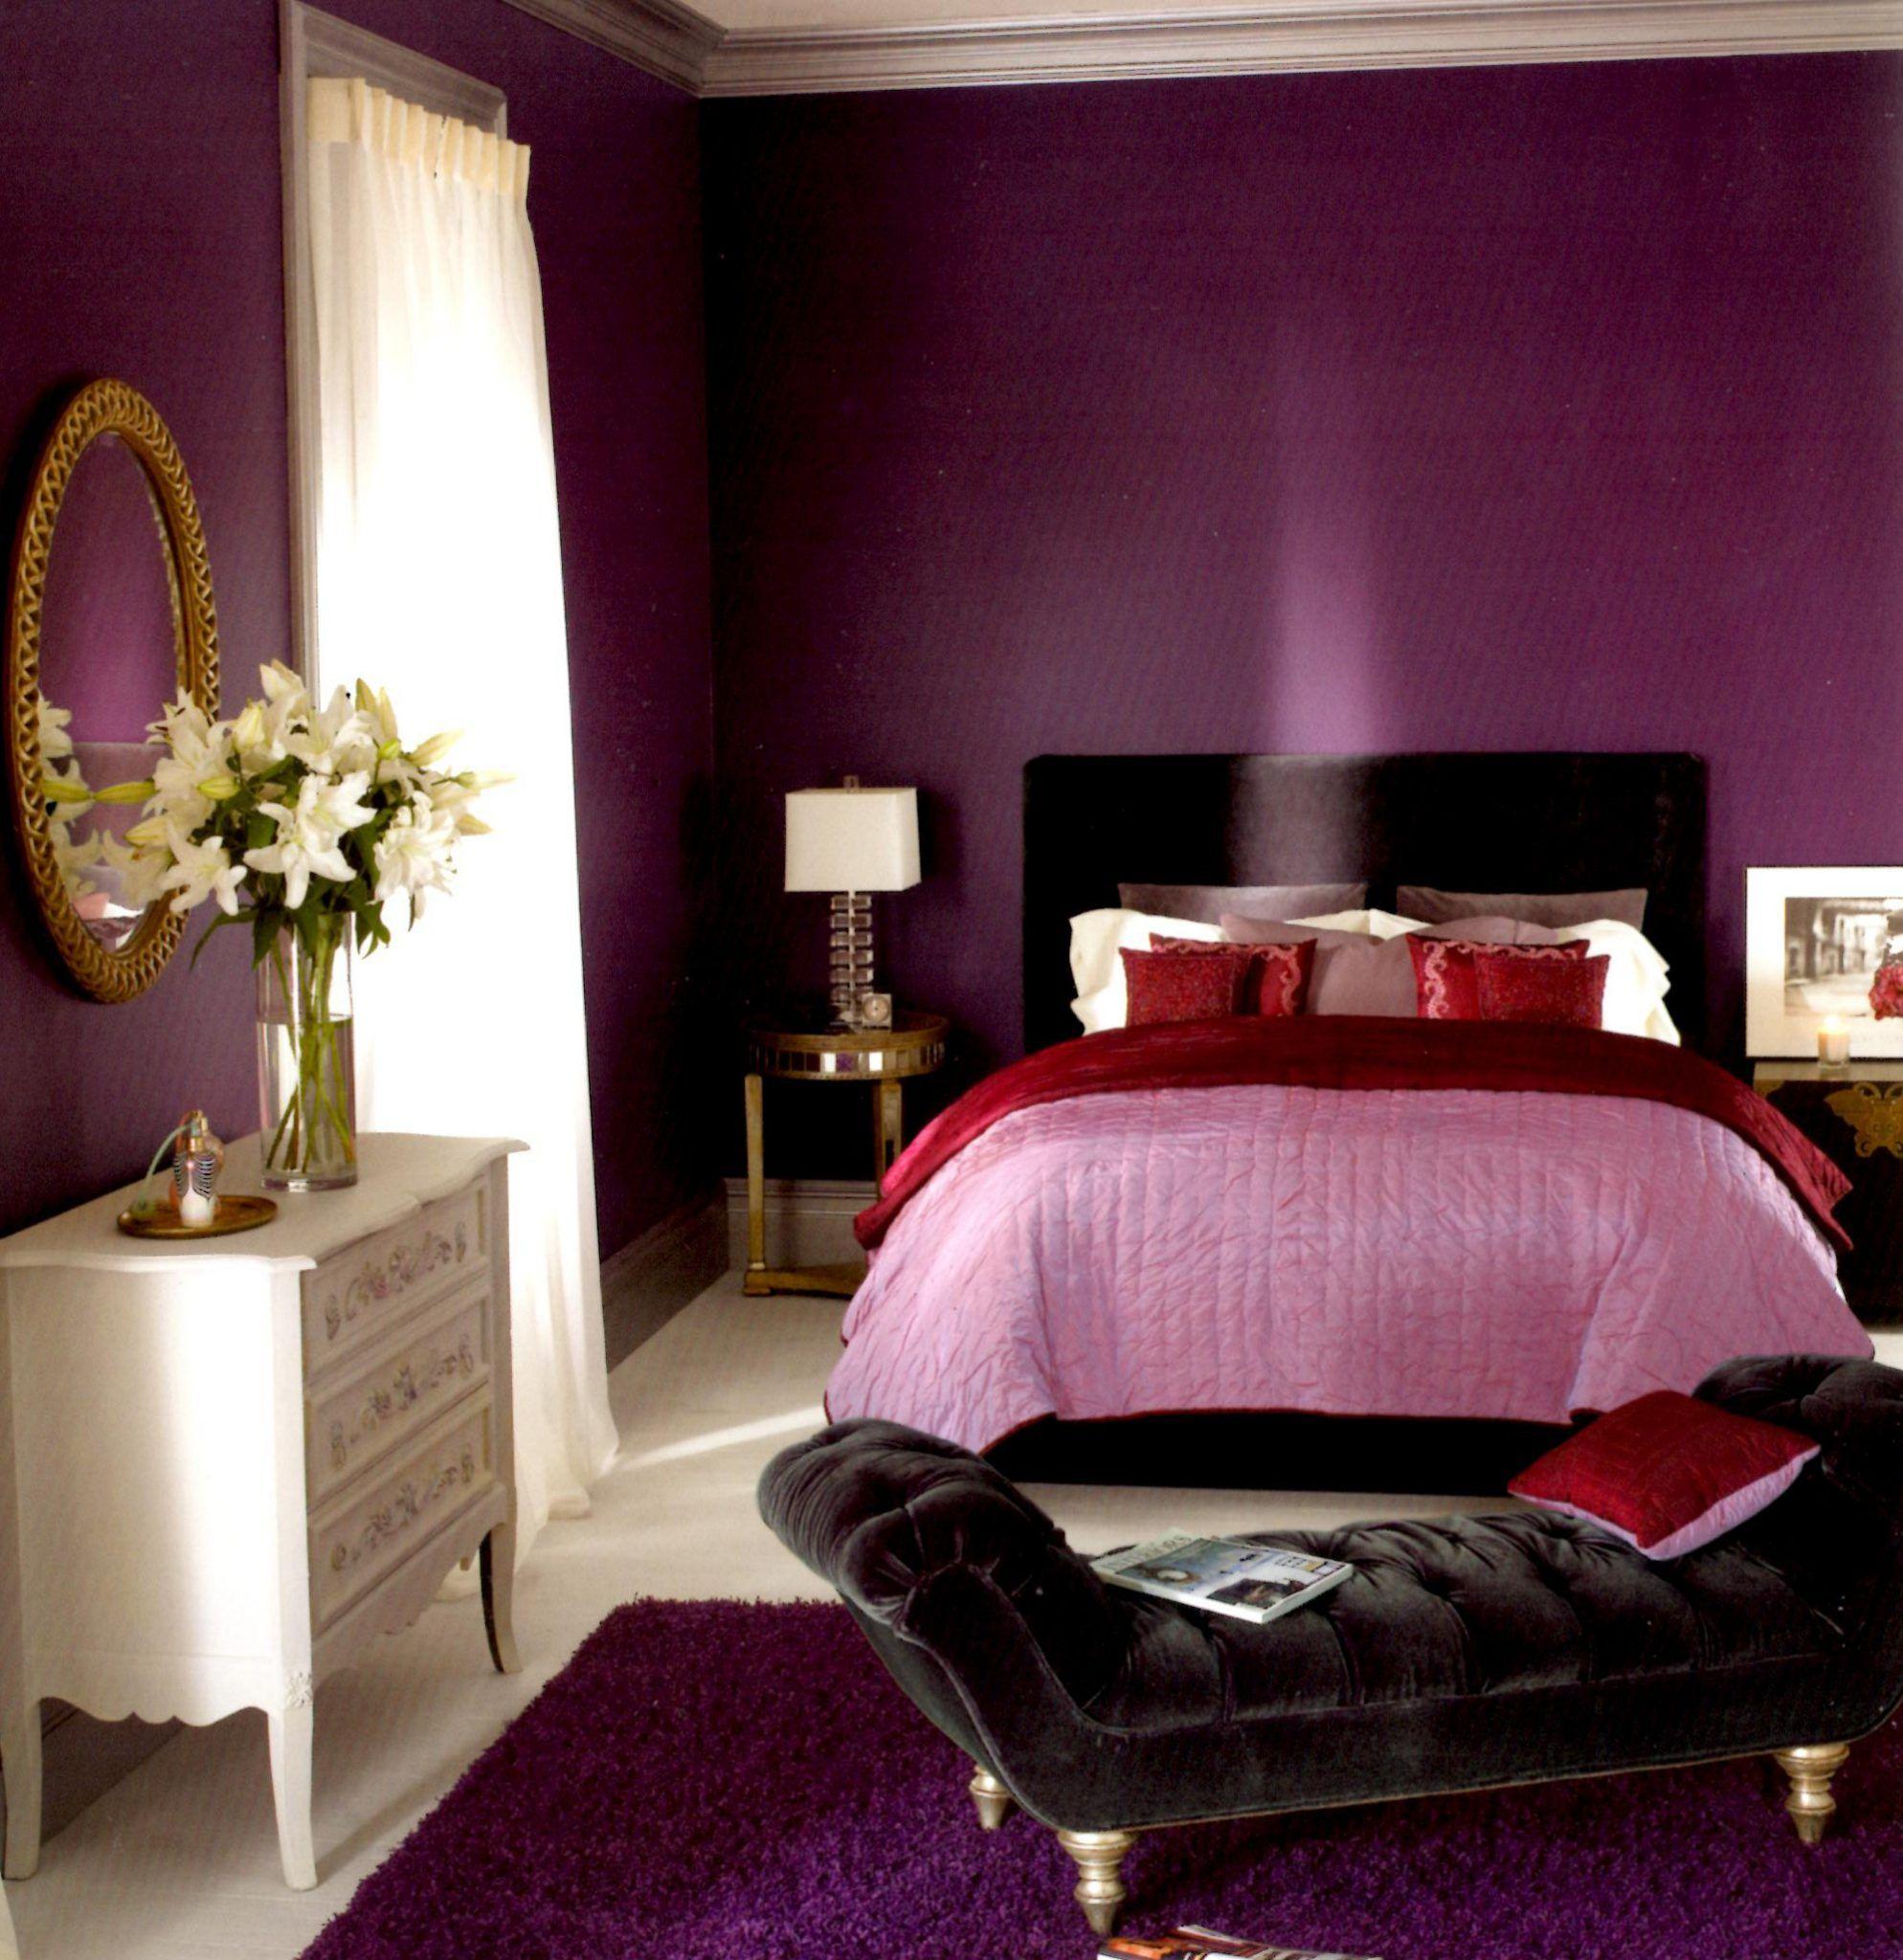 #Schlafzimmer Lila Schlafzimmer Ideen Macht Romantische Nuance #Lila # Schlafzimmer #Ideen #macht